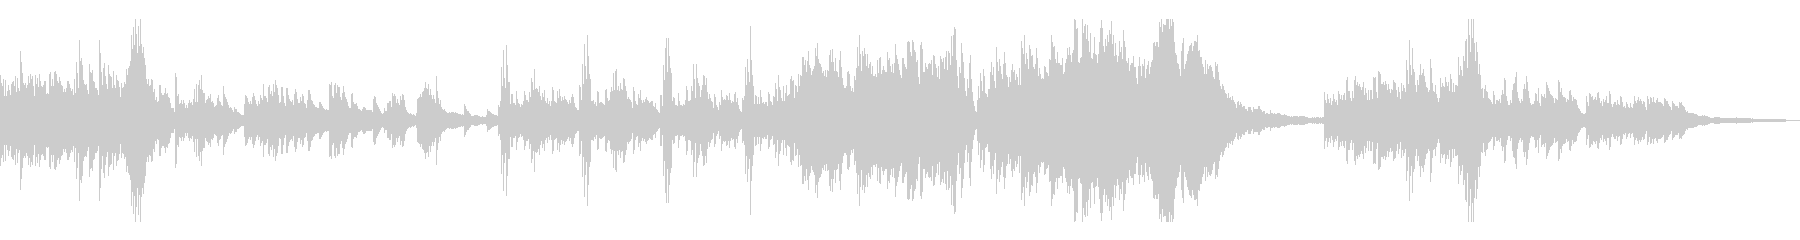 優雅で切ない伝統的な和風曲7-ピアノソロの未再生の波形